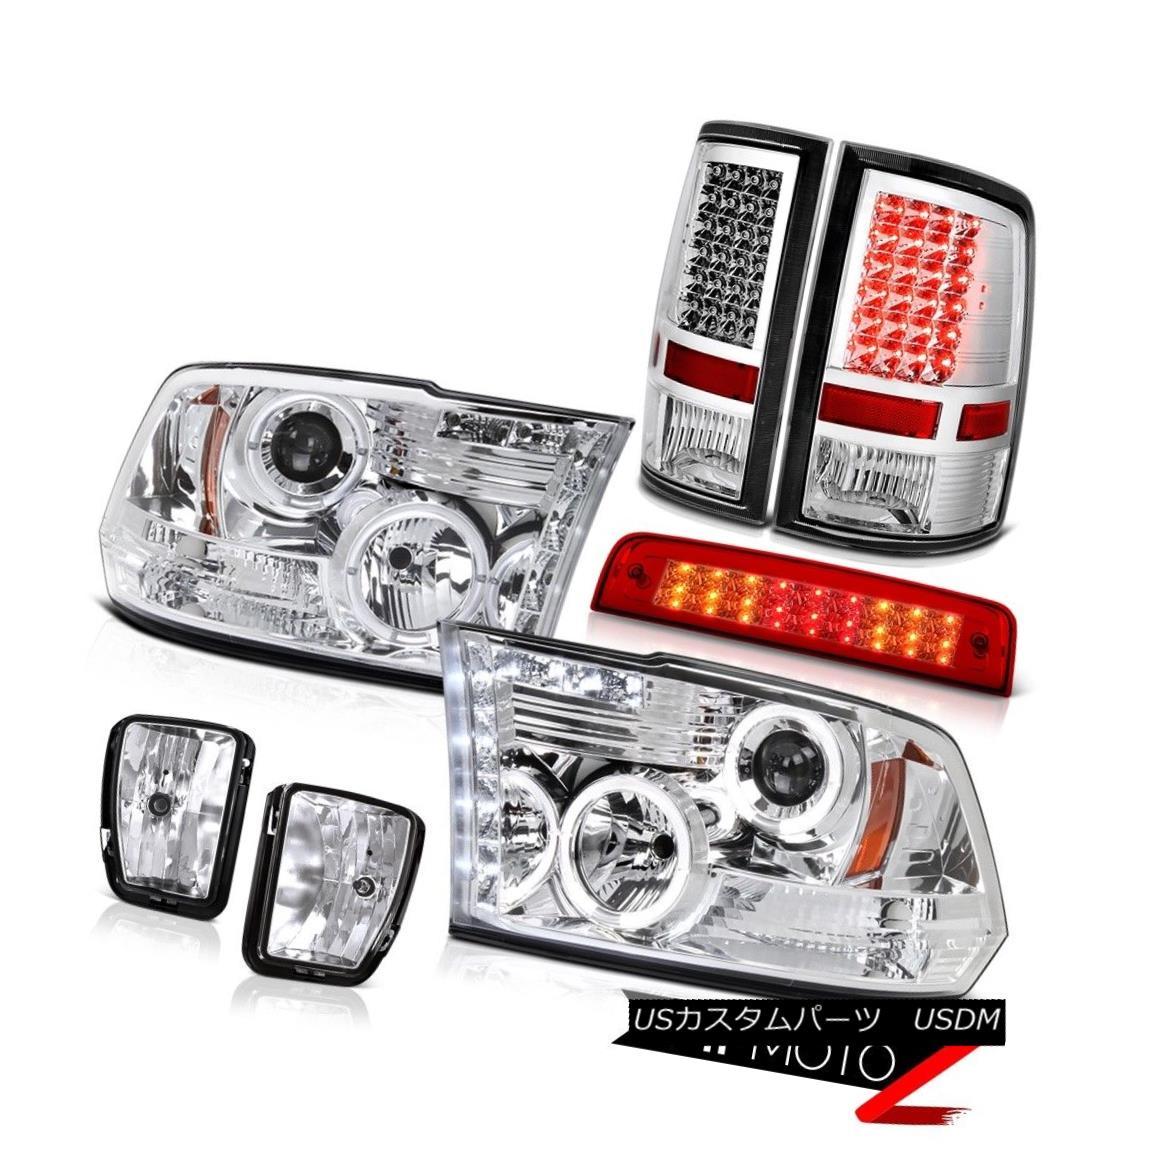 ヘッドライト 車用品 13 18 Ram ライト 183 ランプ 1500 Hfe Third Brake Lamp